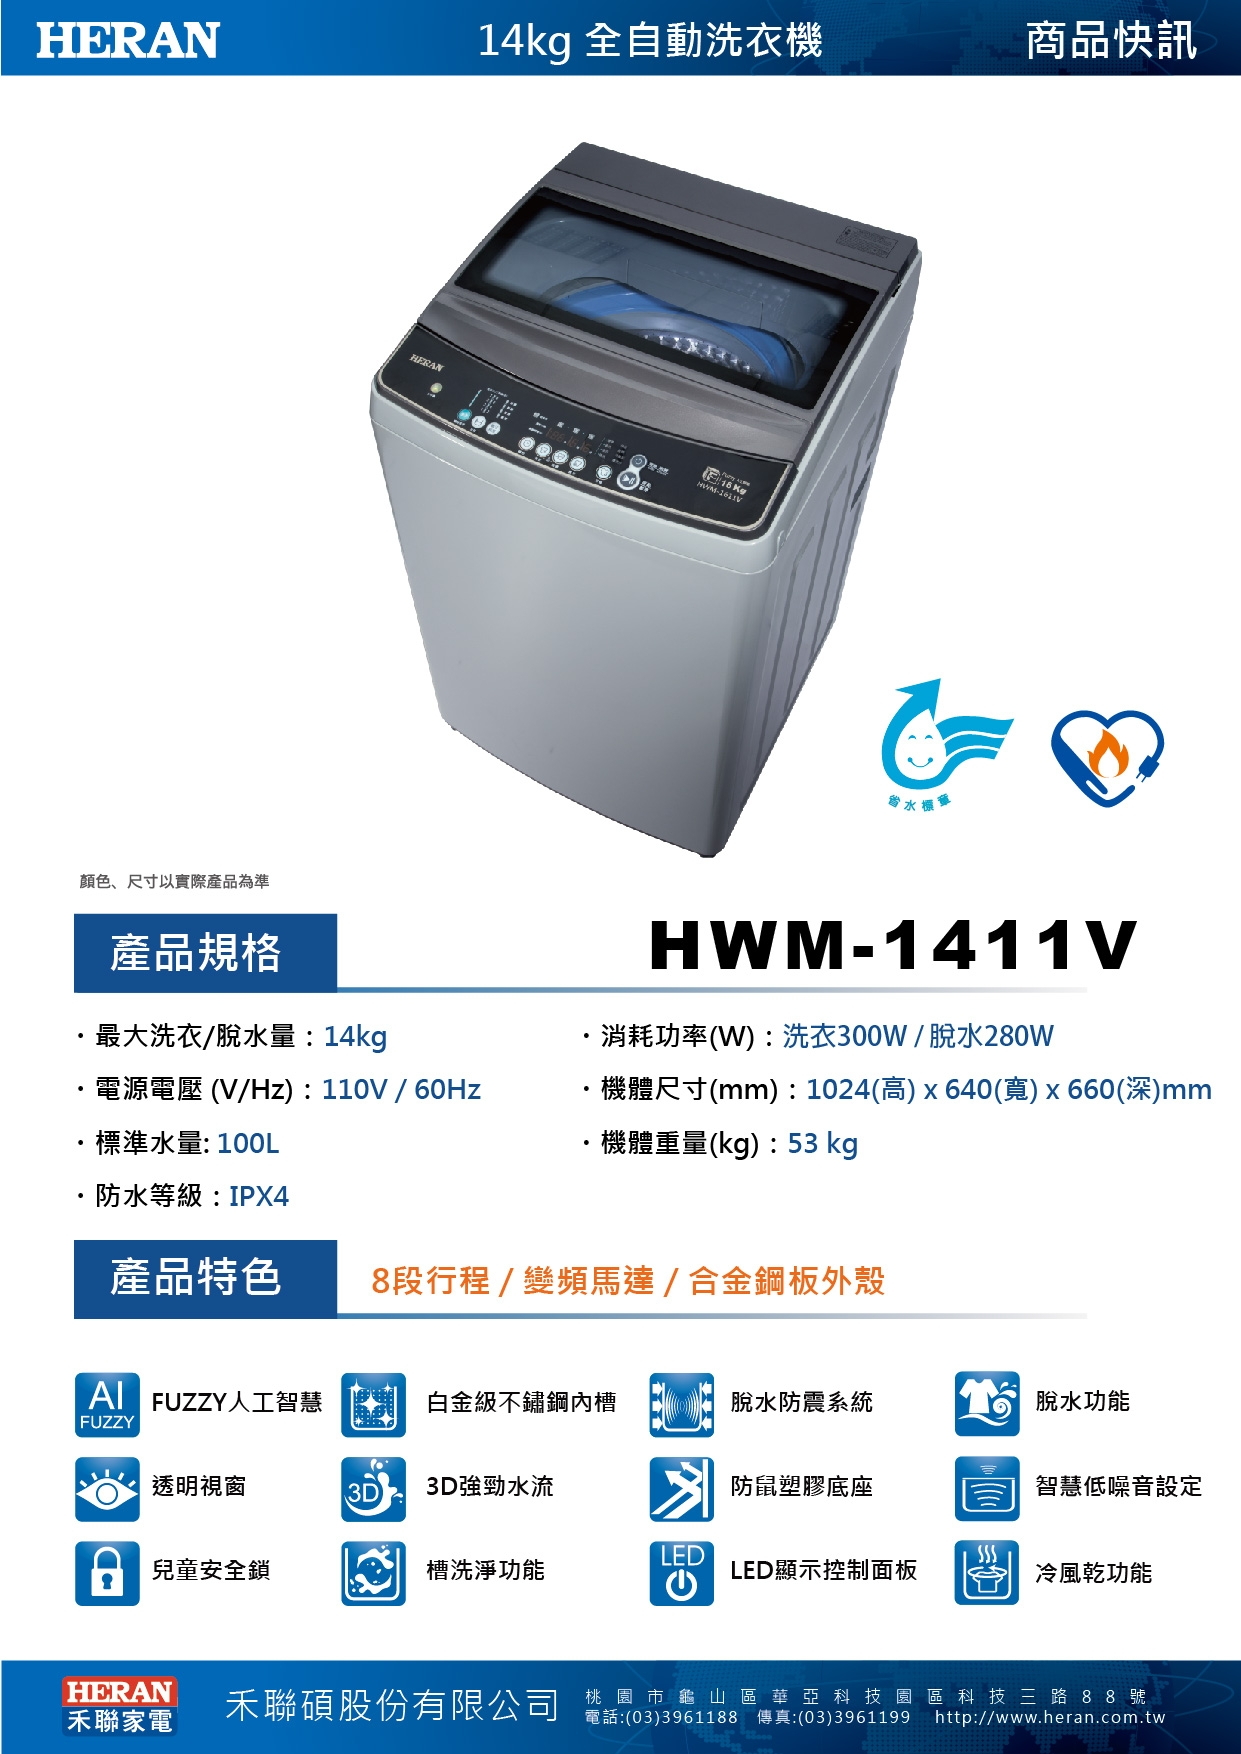 福利品 HERAN禾聯 14KG 變頻直立式洗衣機 HWM-1411V